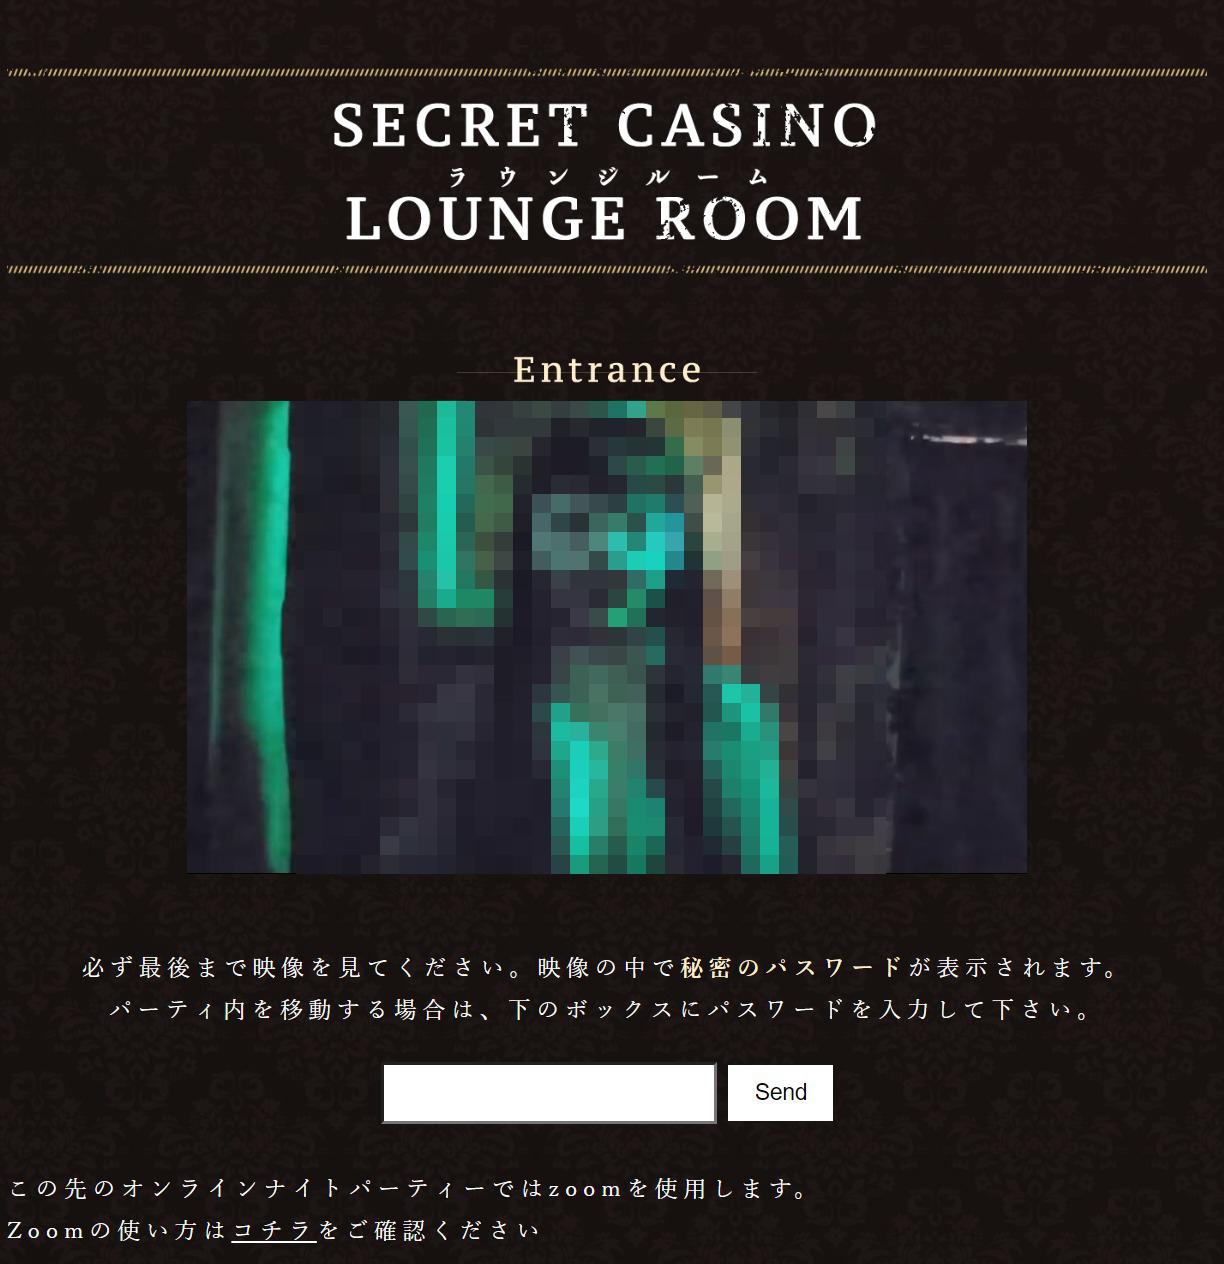 招待を受けたものだけがアクセスできるラウンジページから物語が始まる。入手したパスワードによって、ナイトパーティーの様々な場所に移動できるようになる。